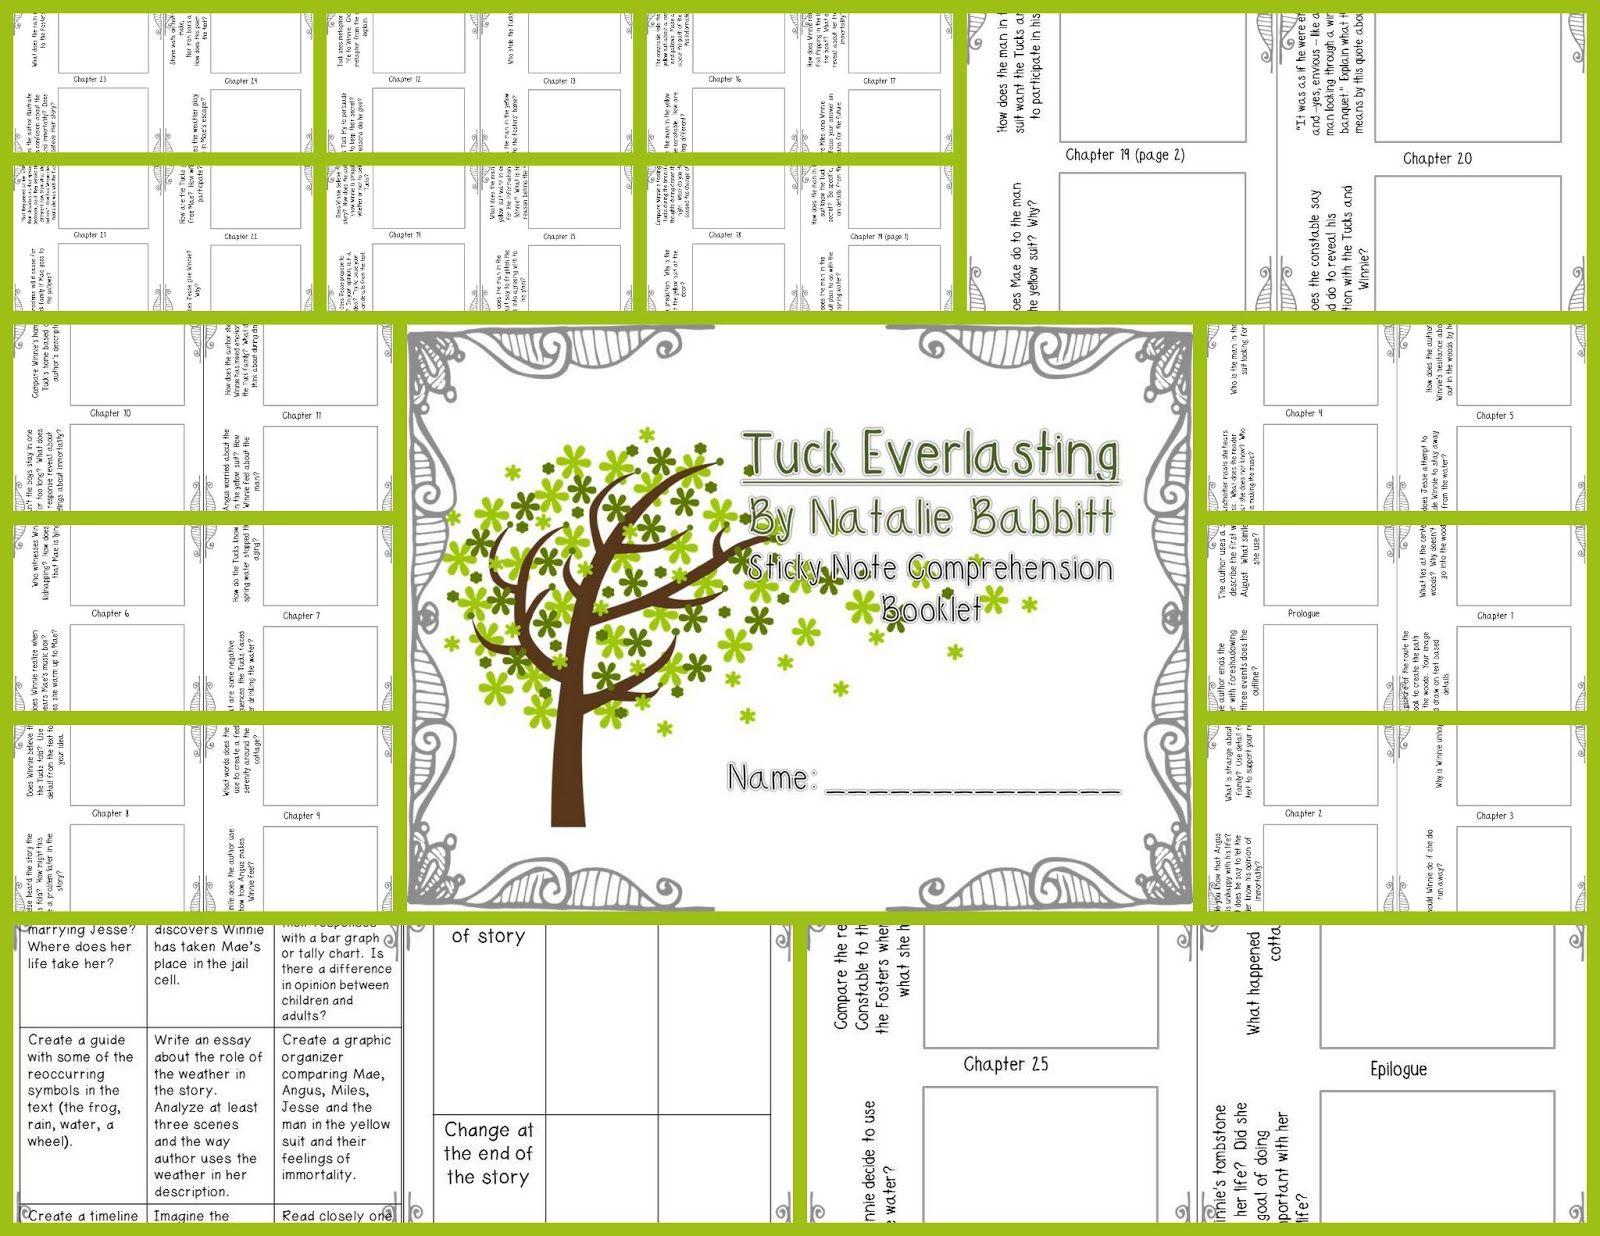 Worksheets Tuck Everlasting Worksheets tuck everlasting worksheets bing images school pinterest images